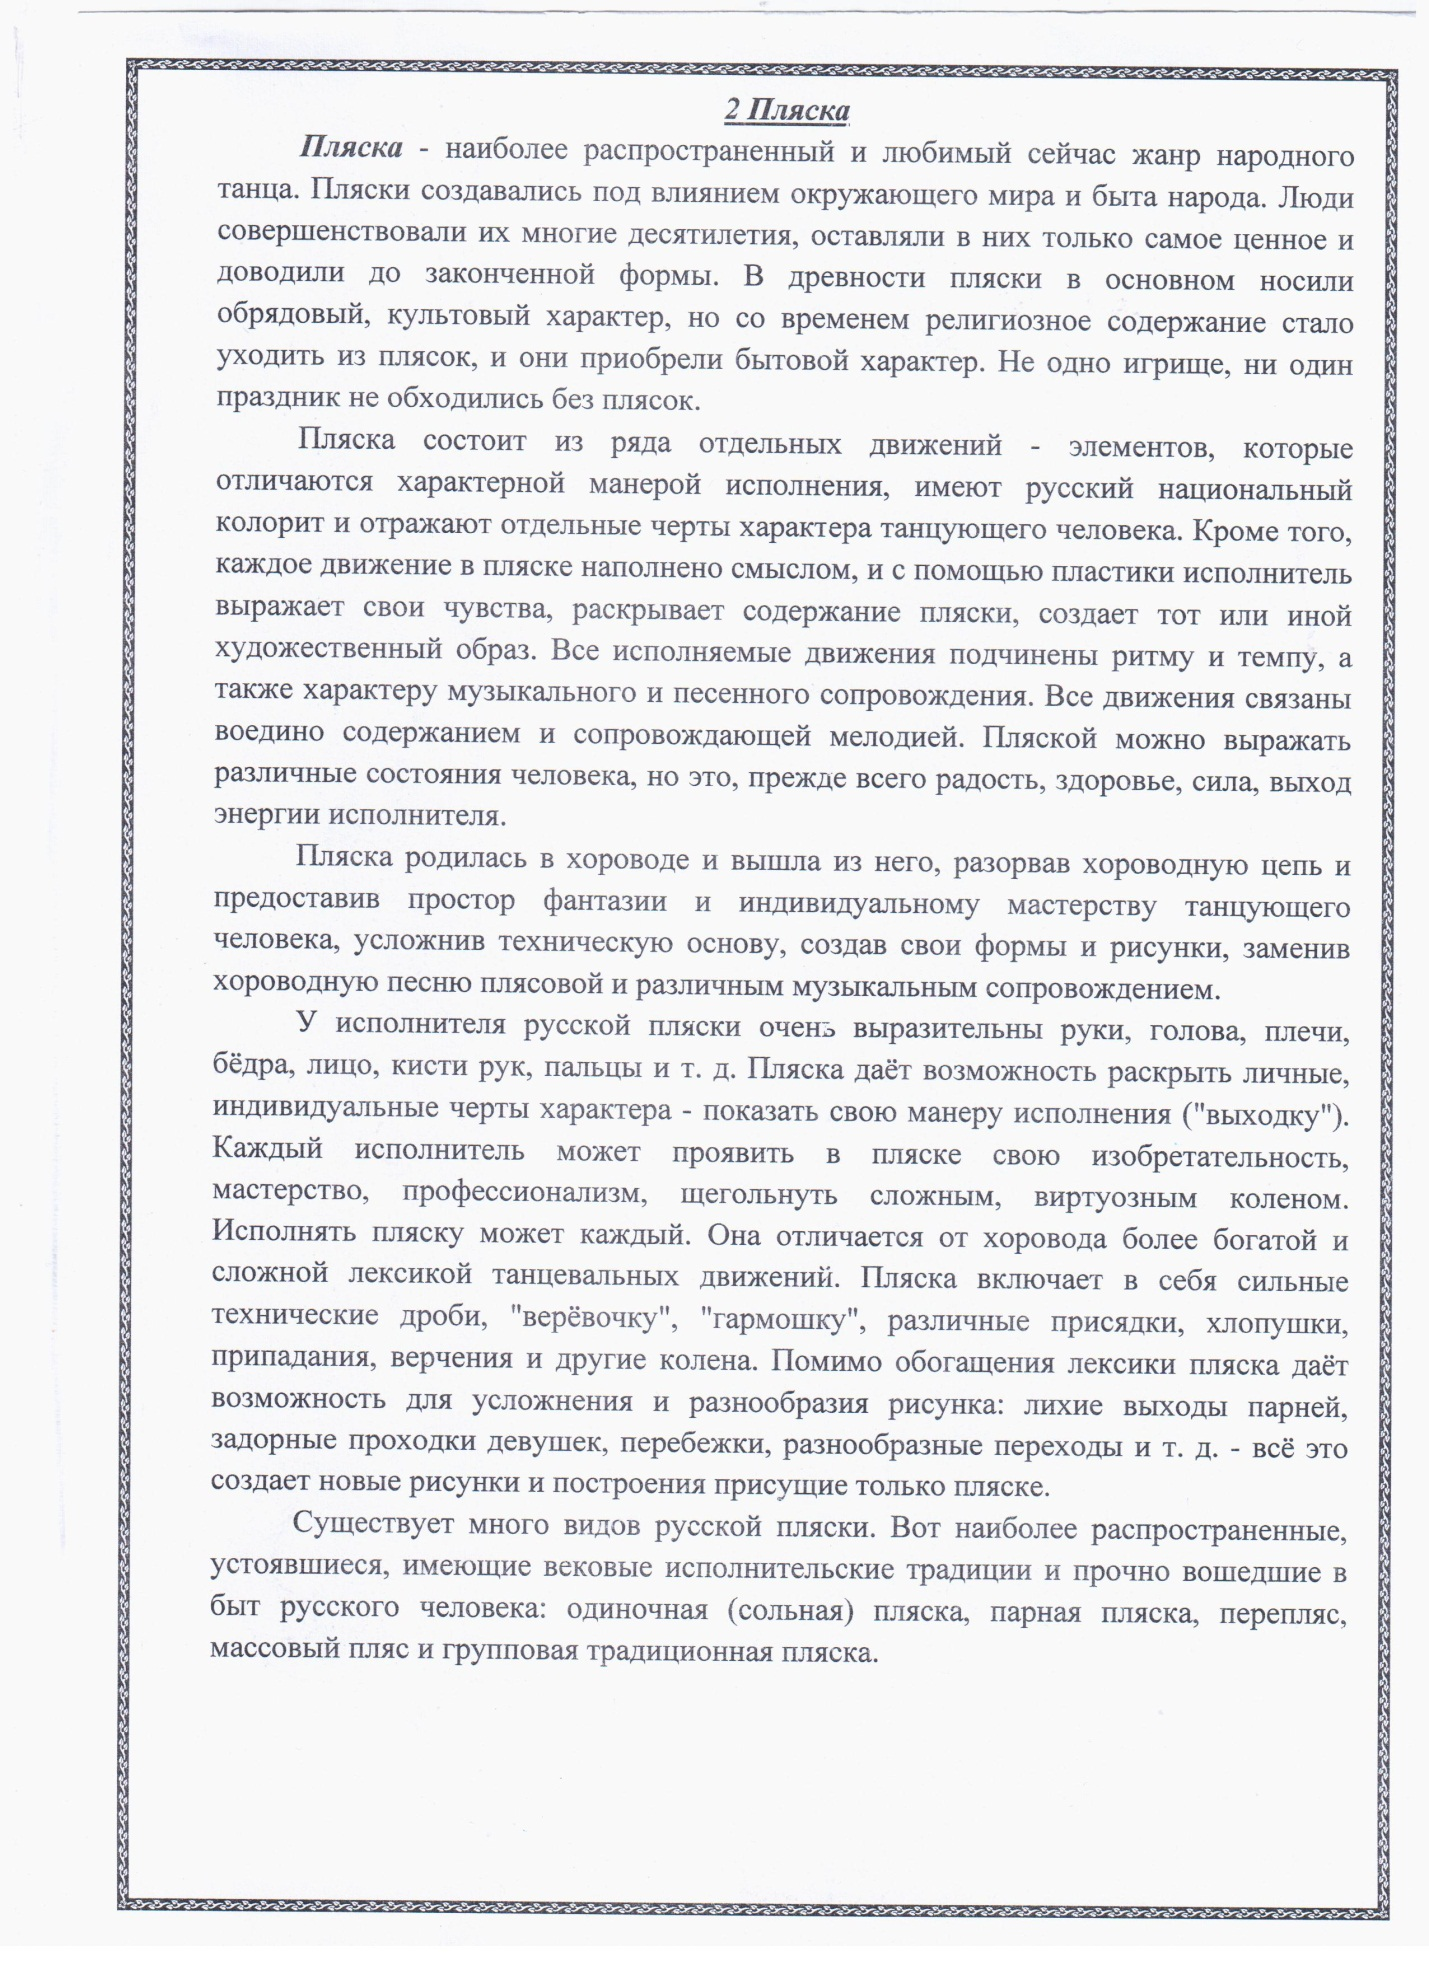 E:\доклад русский танец и еев иды\8.jpeg